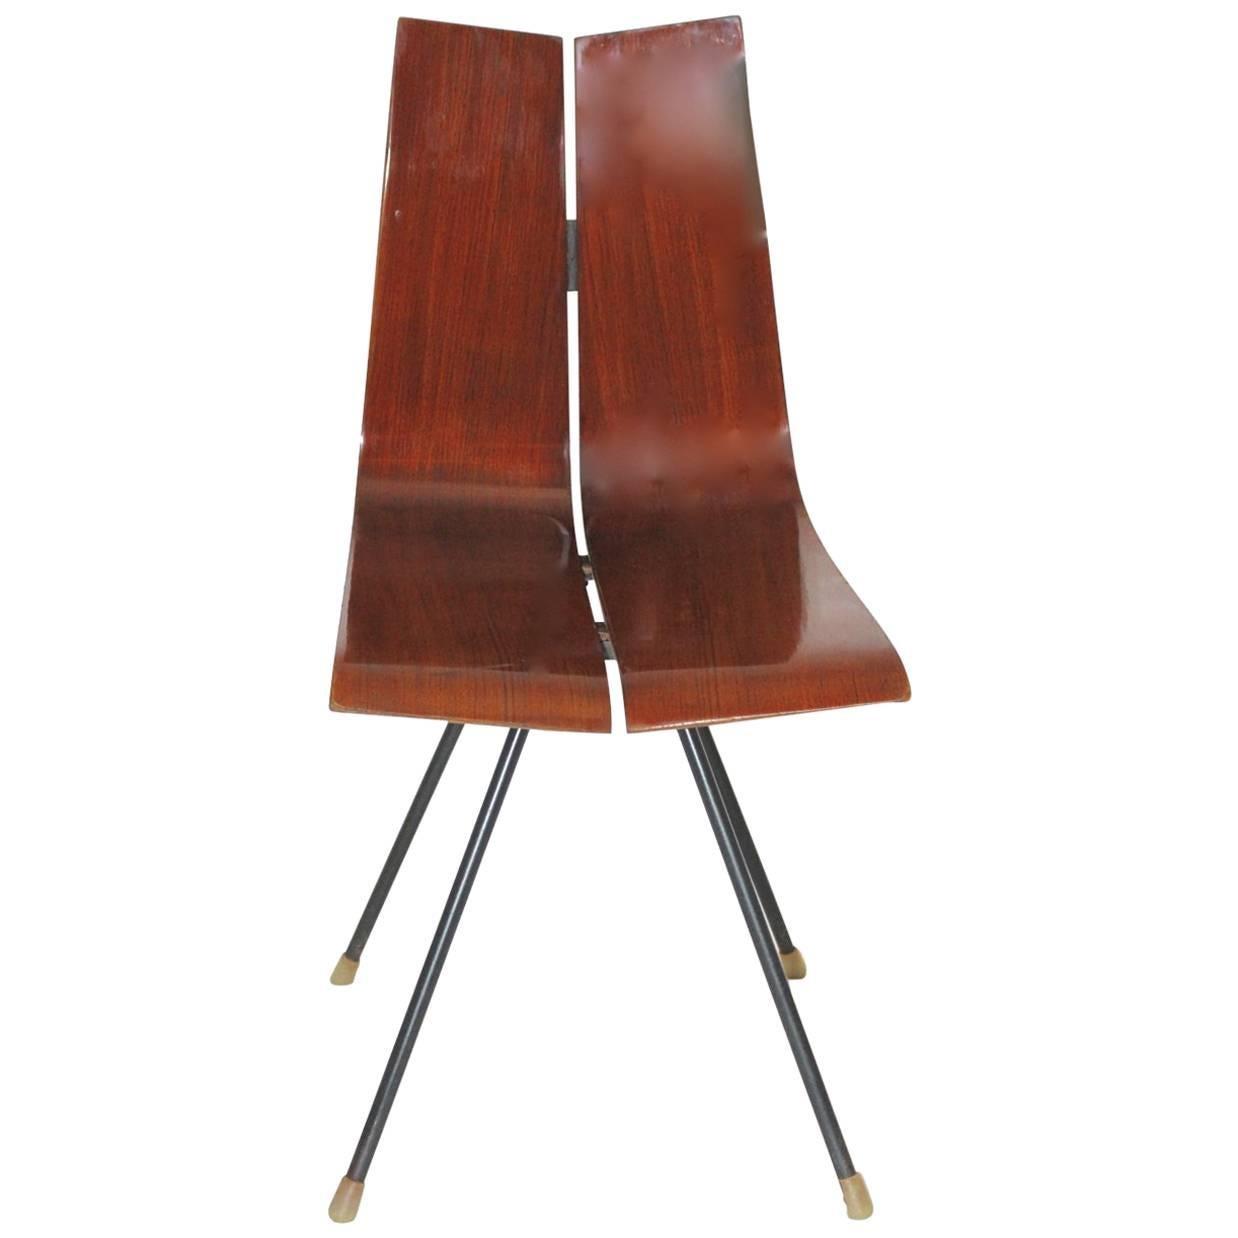 Mid-Century Modern Hans Bellmann Model GA Chair Side Chair circa 1955